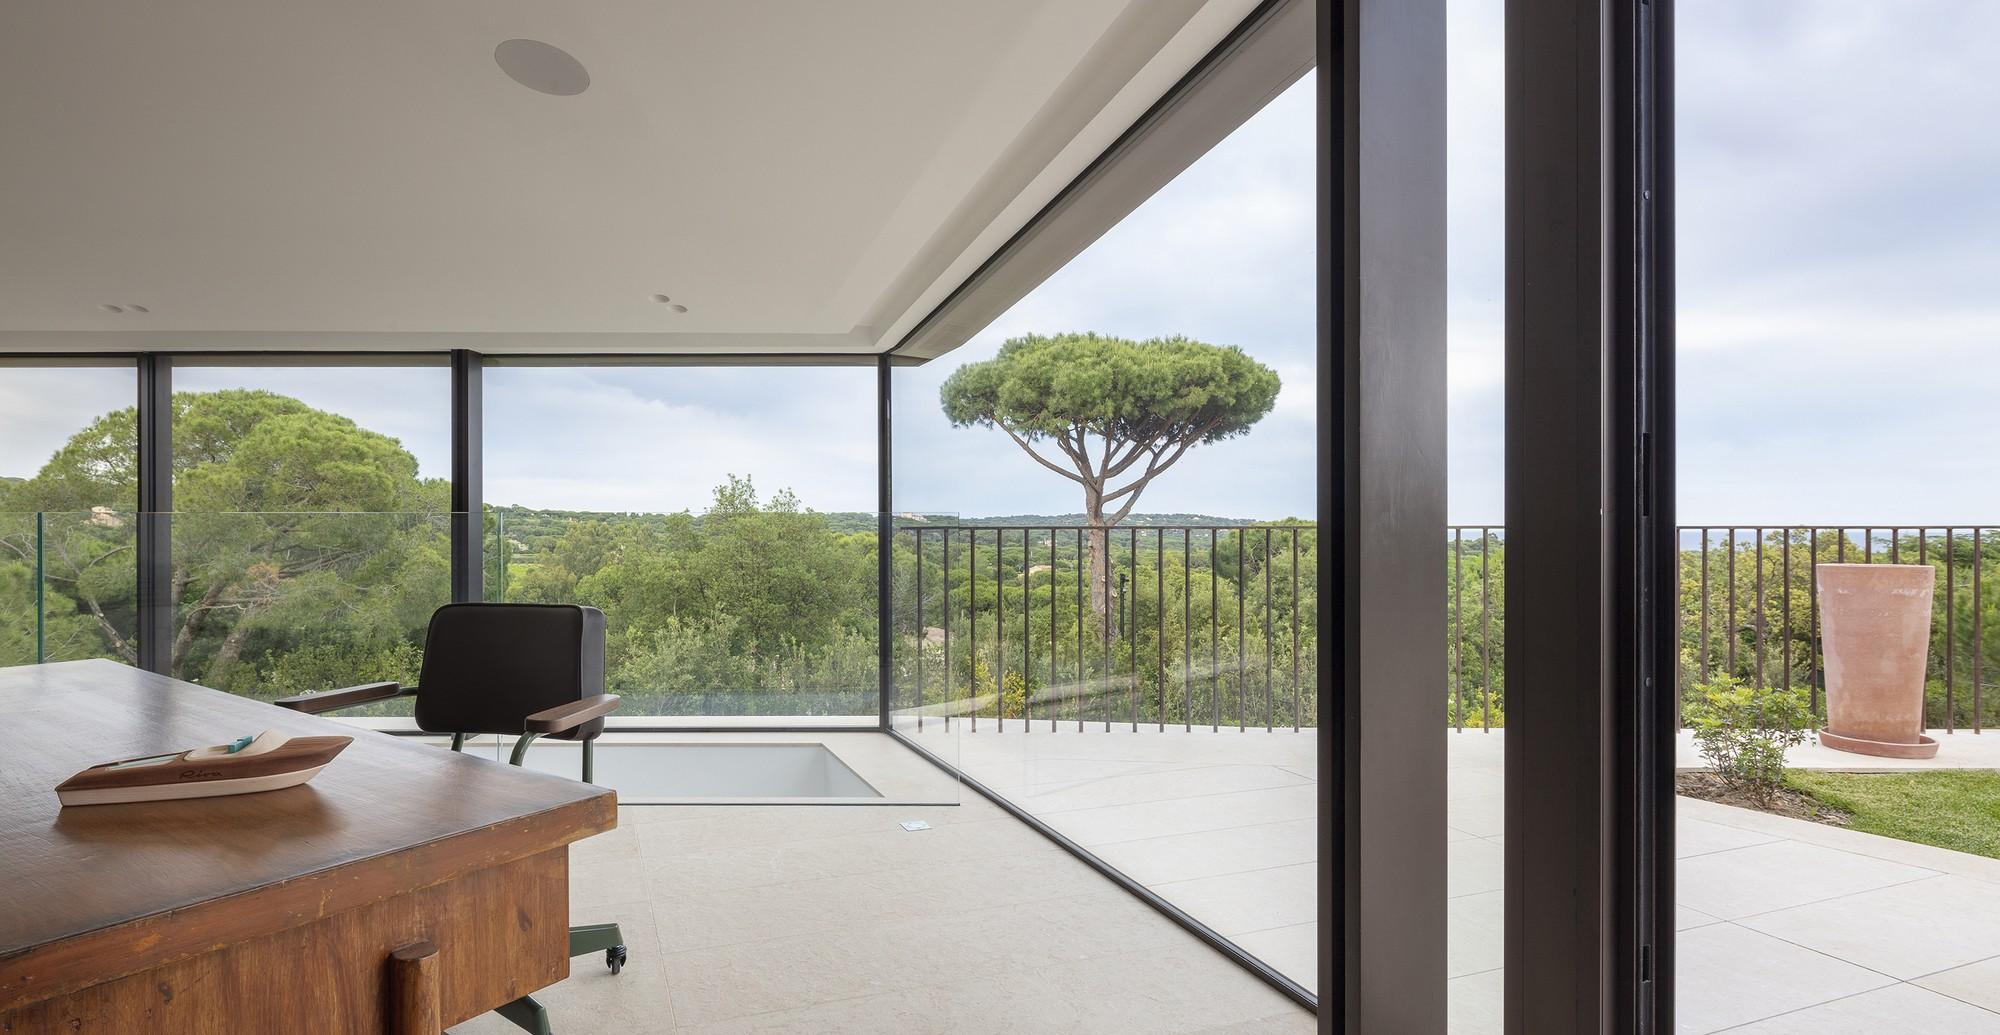 Средиземноморская вилла с монолитными объемами и интерьерами, интегрированными в ландшафт